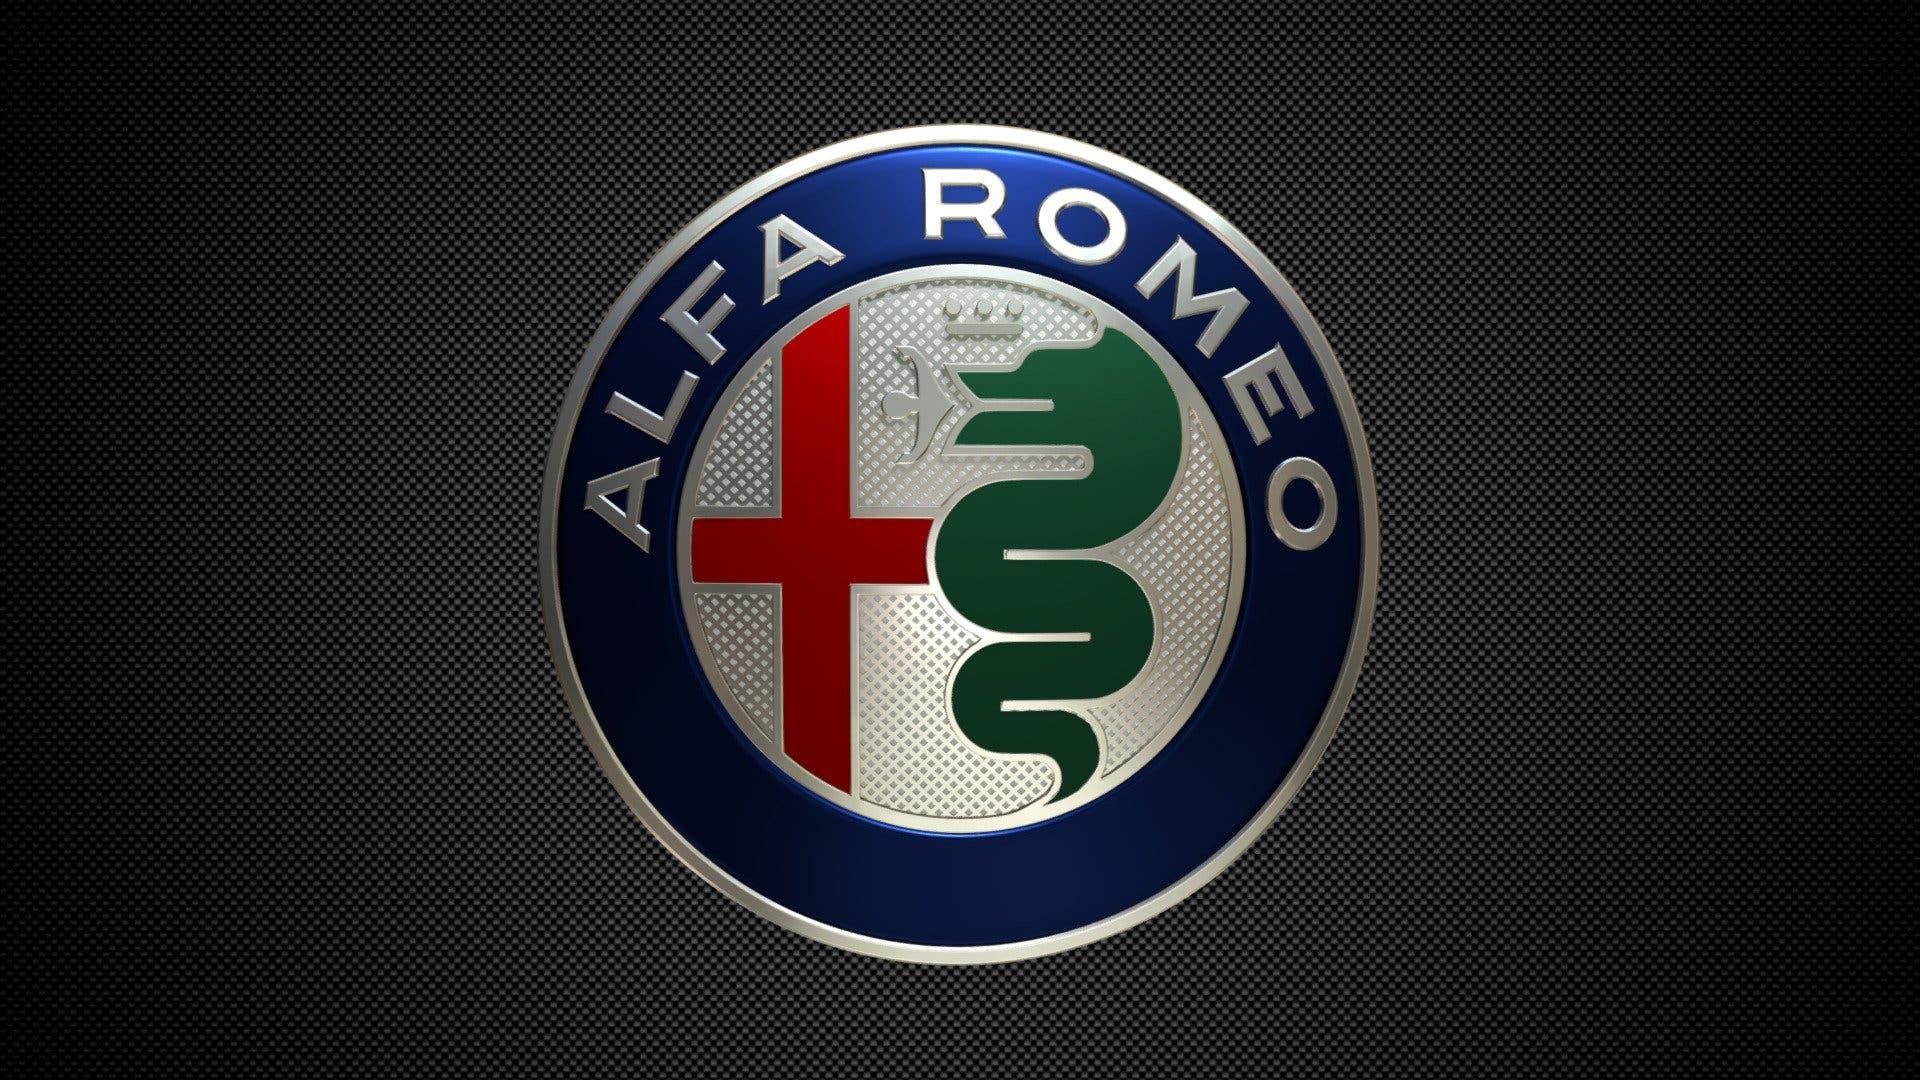 Alfa Romeo: tra qualche mese la nuova roadmap di Tavares e Imparato - ClubAlfa.it